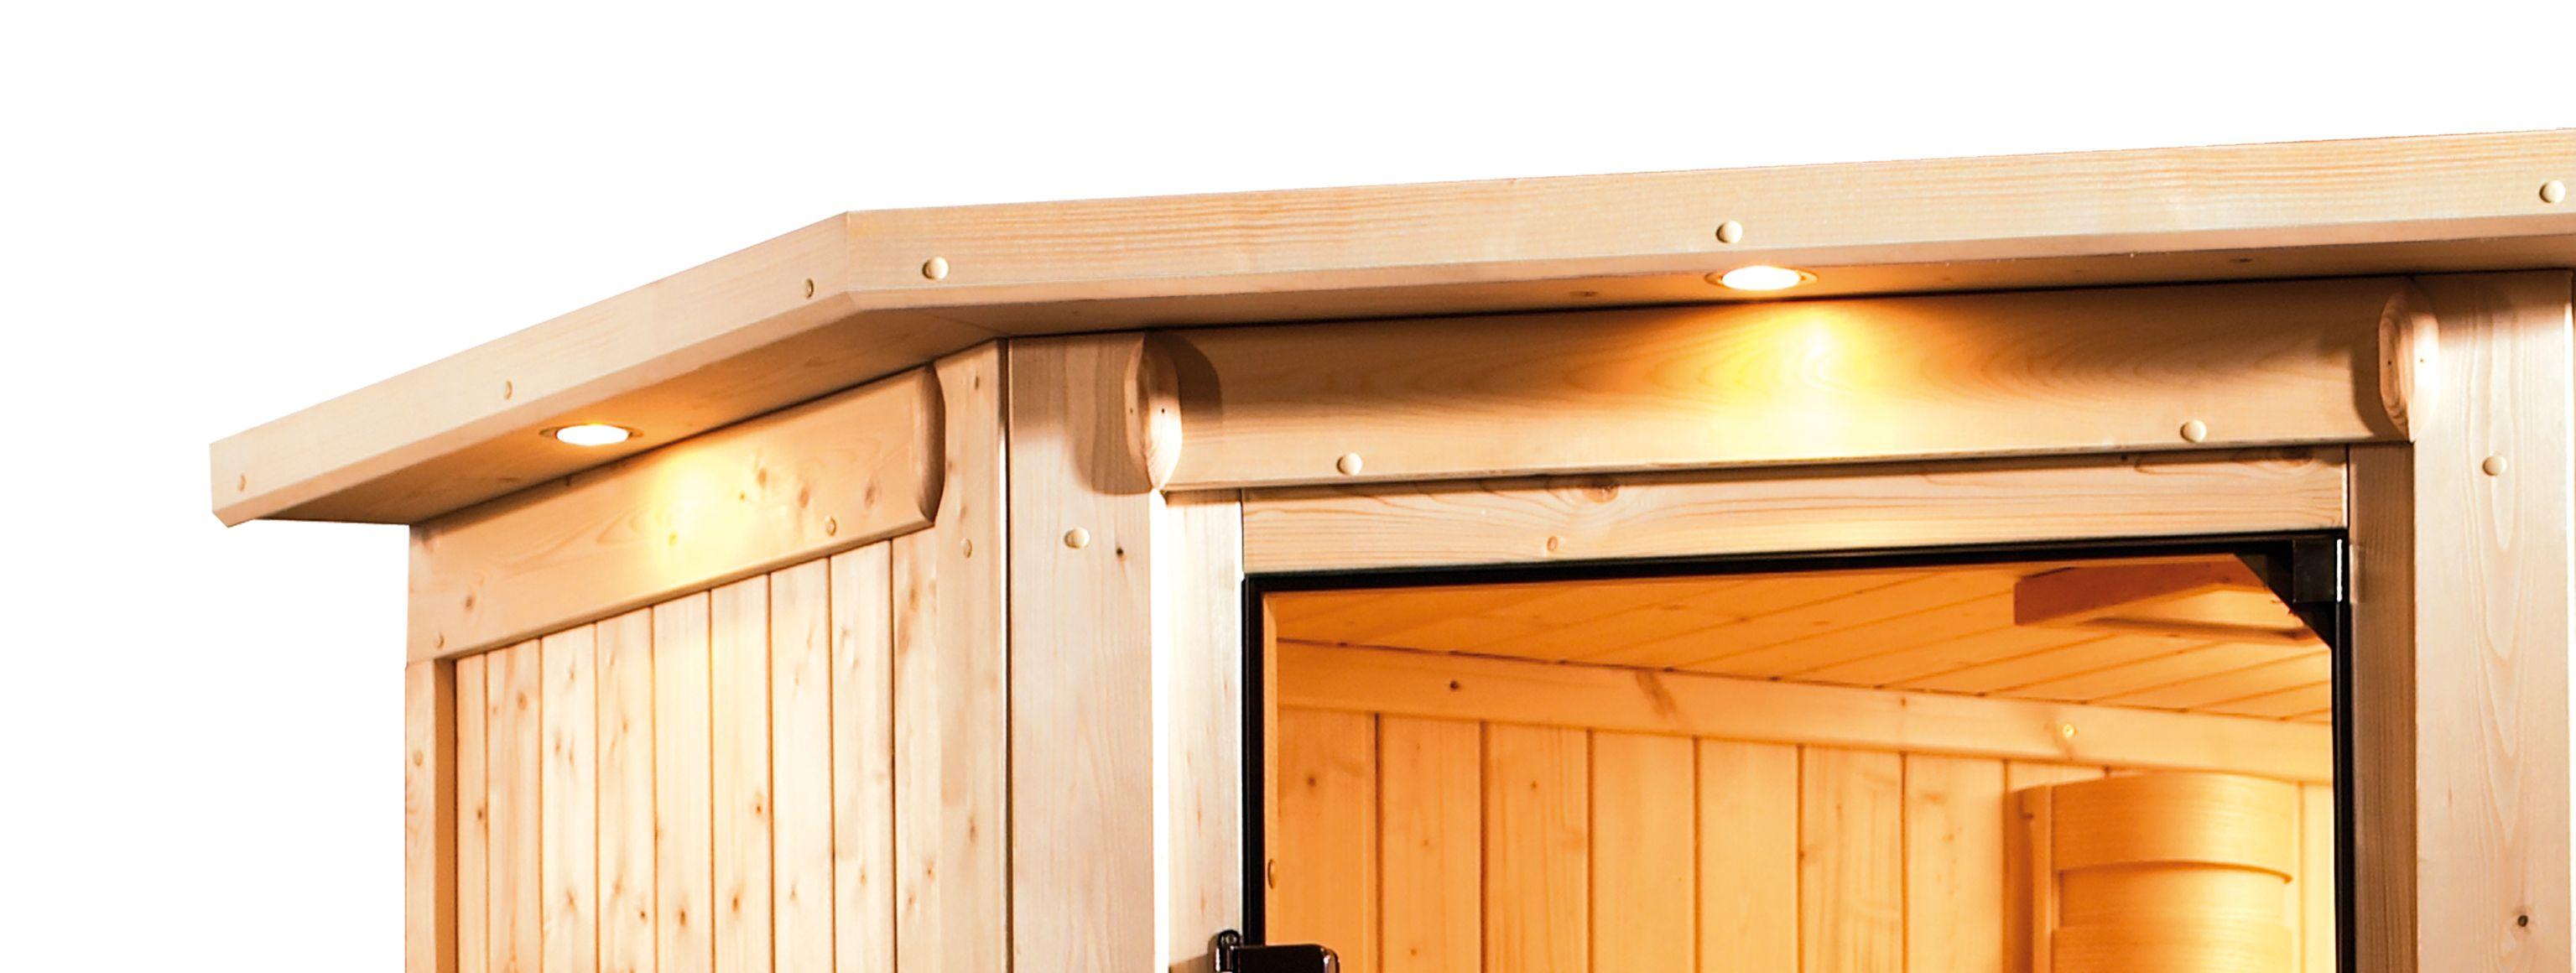 Woodfeeling Sauna Lisa 38mm Kranz ohne Ofen Tür Holz Bild 2